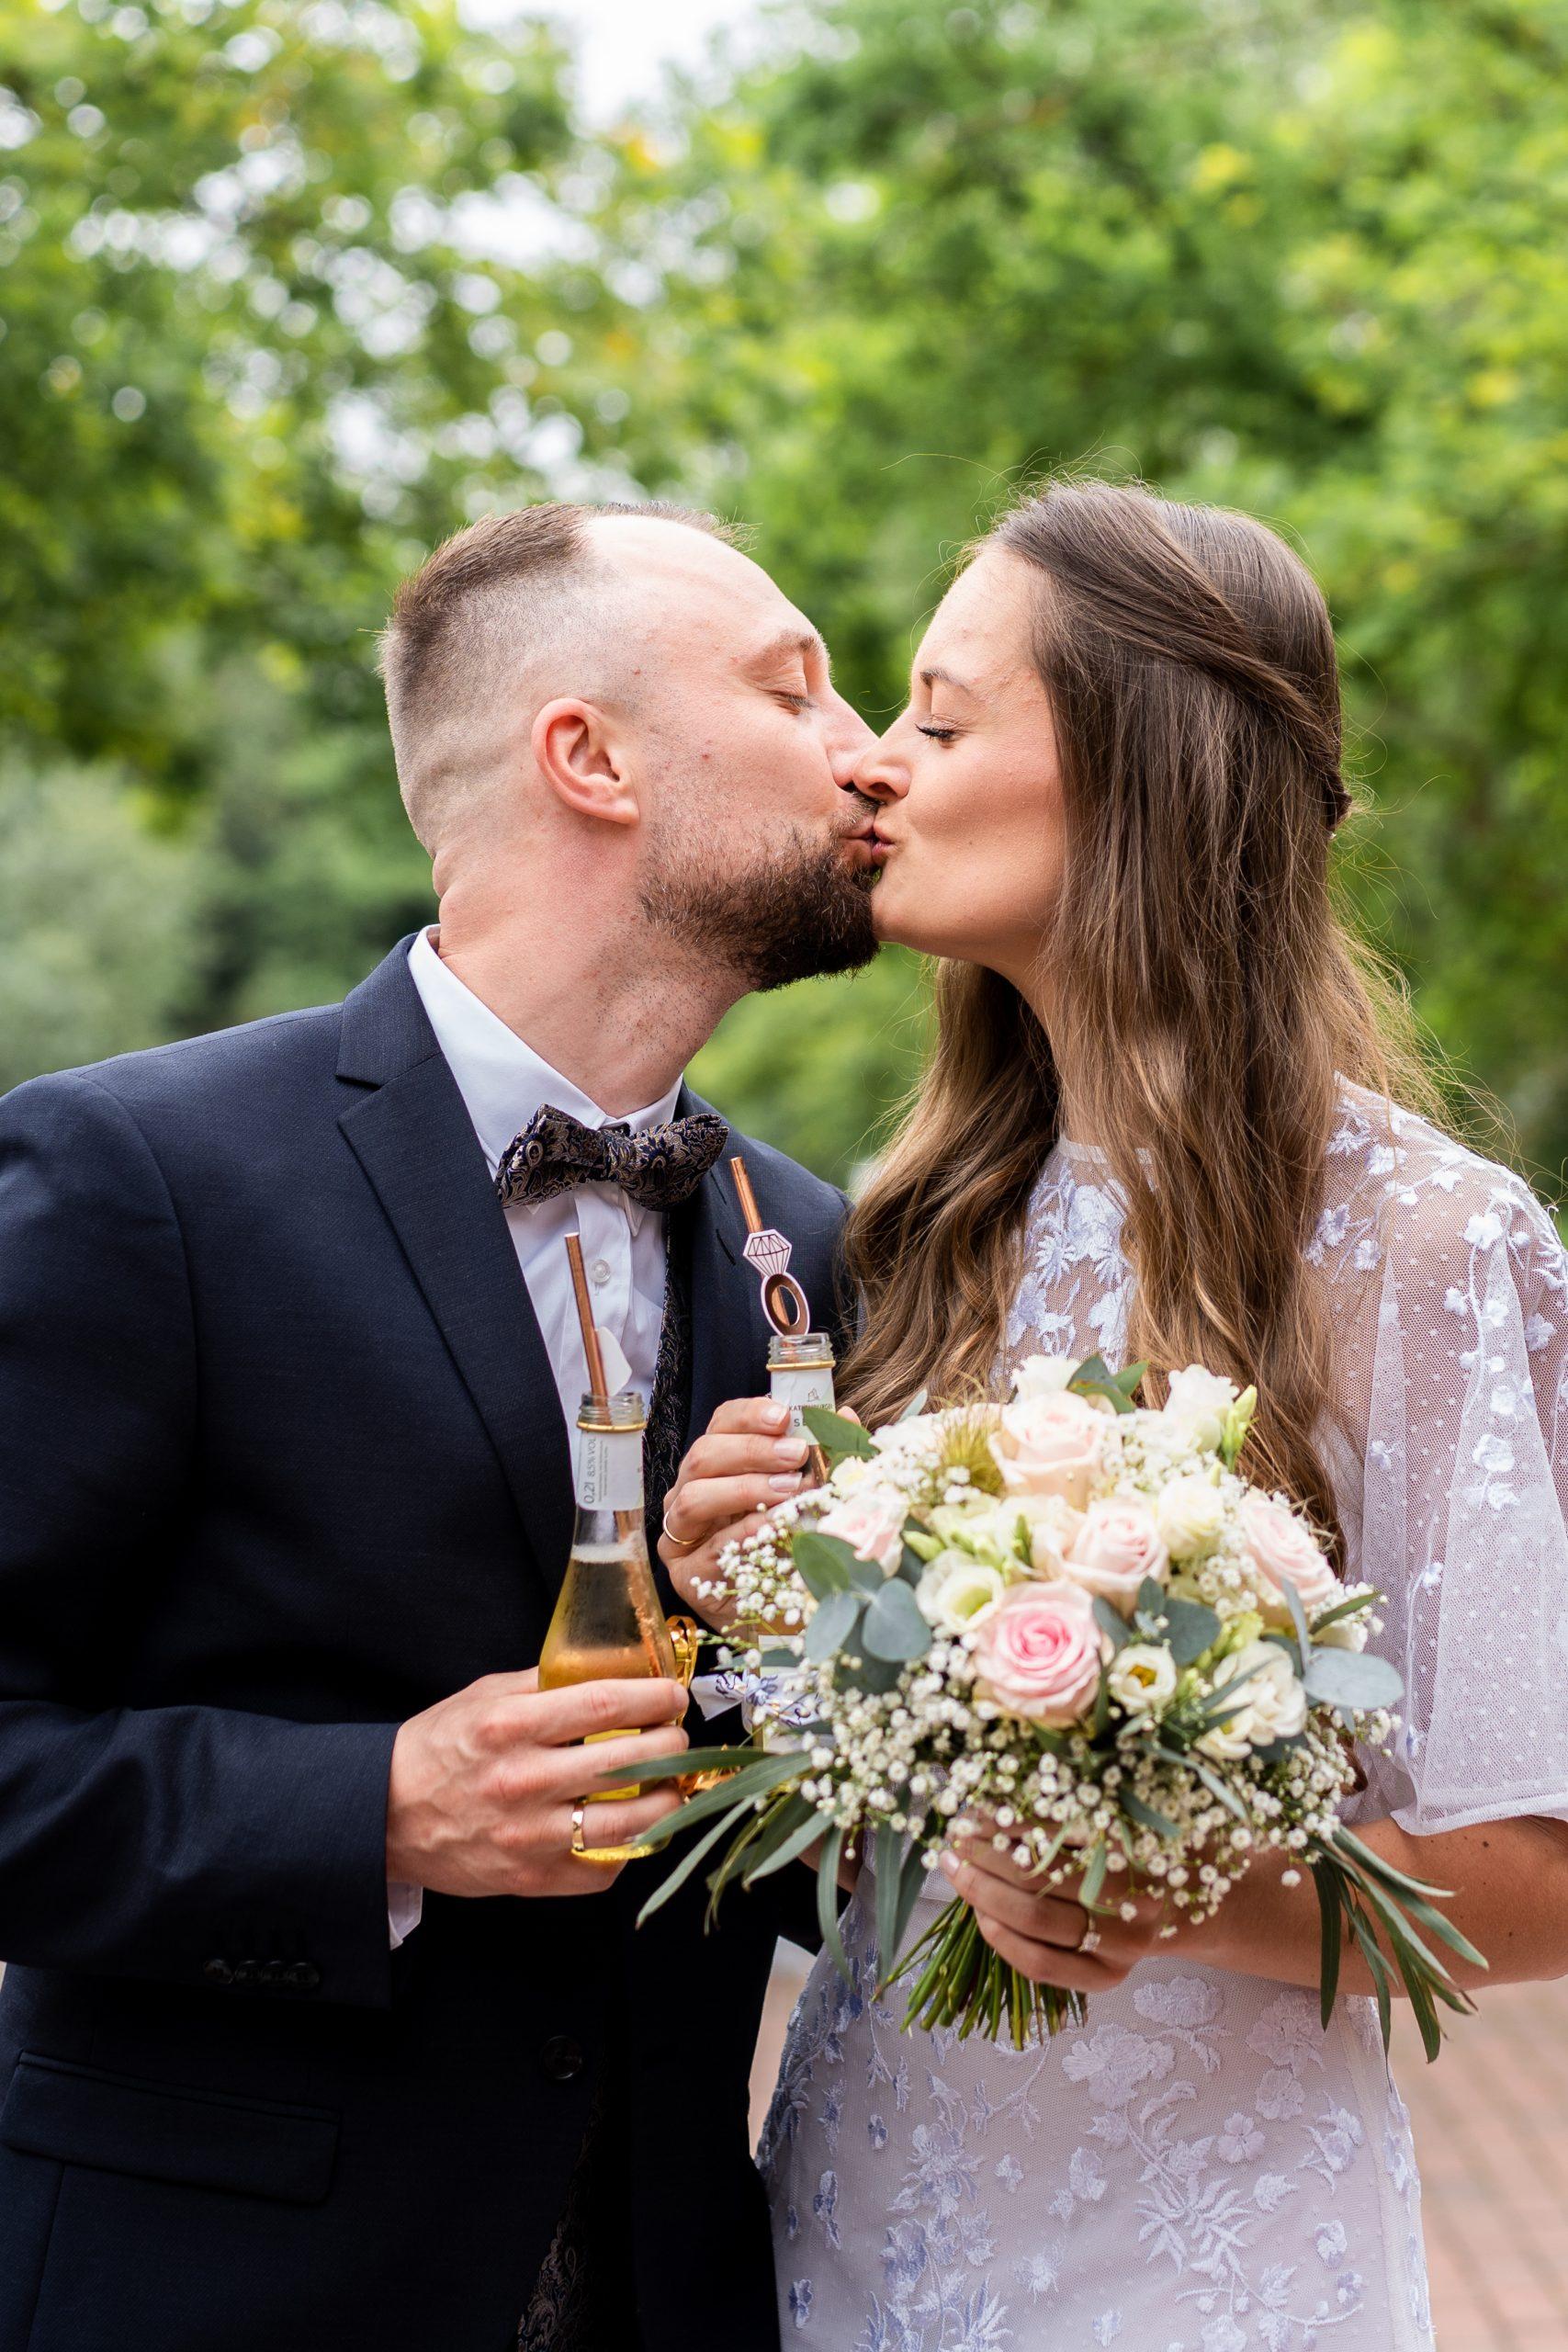 Hochzeitshooting Hochzeitsfotografie Liebe Brautpaarshooting Heirat heiraten Weyhe